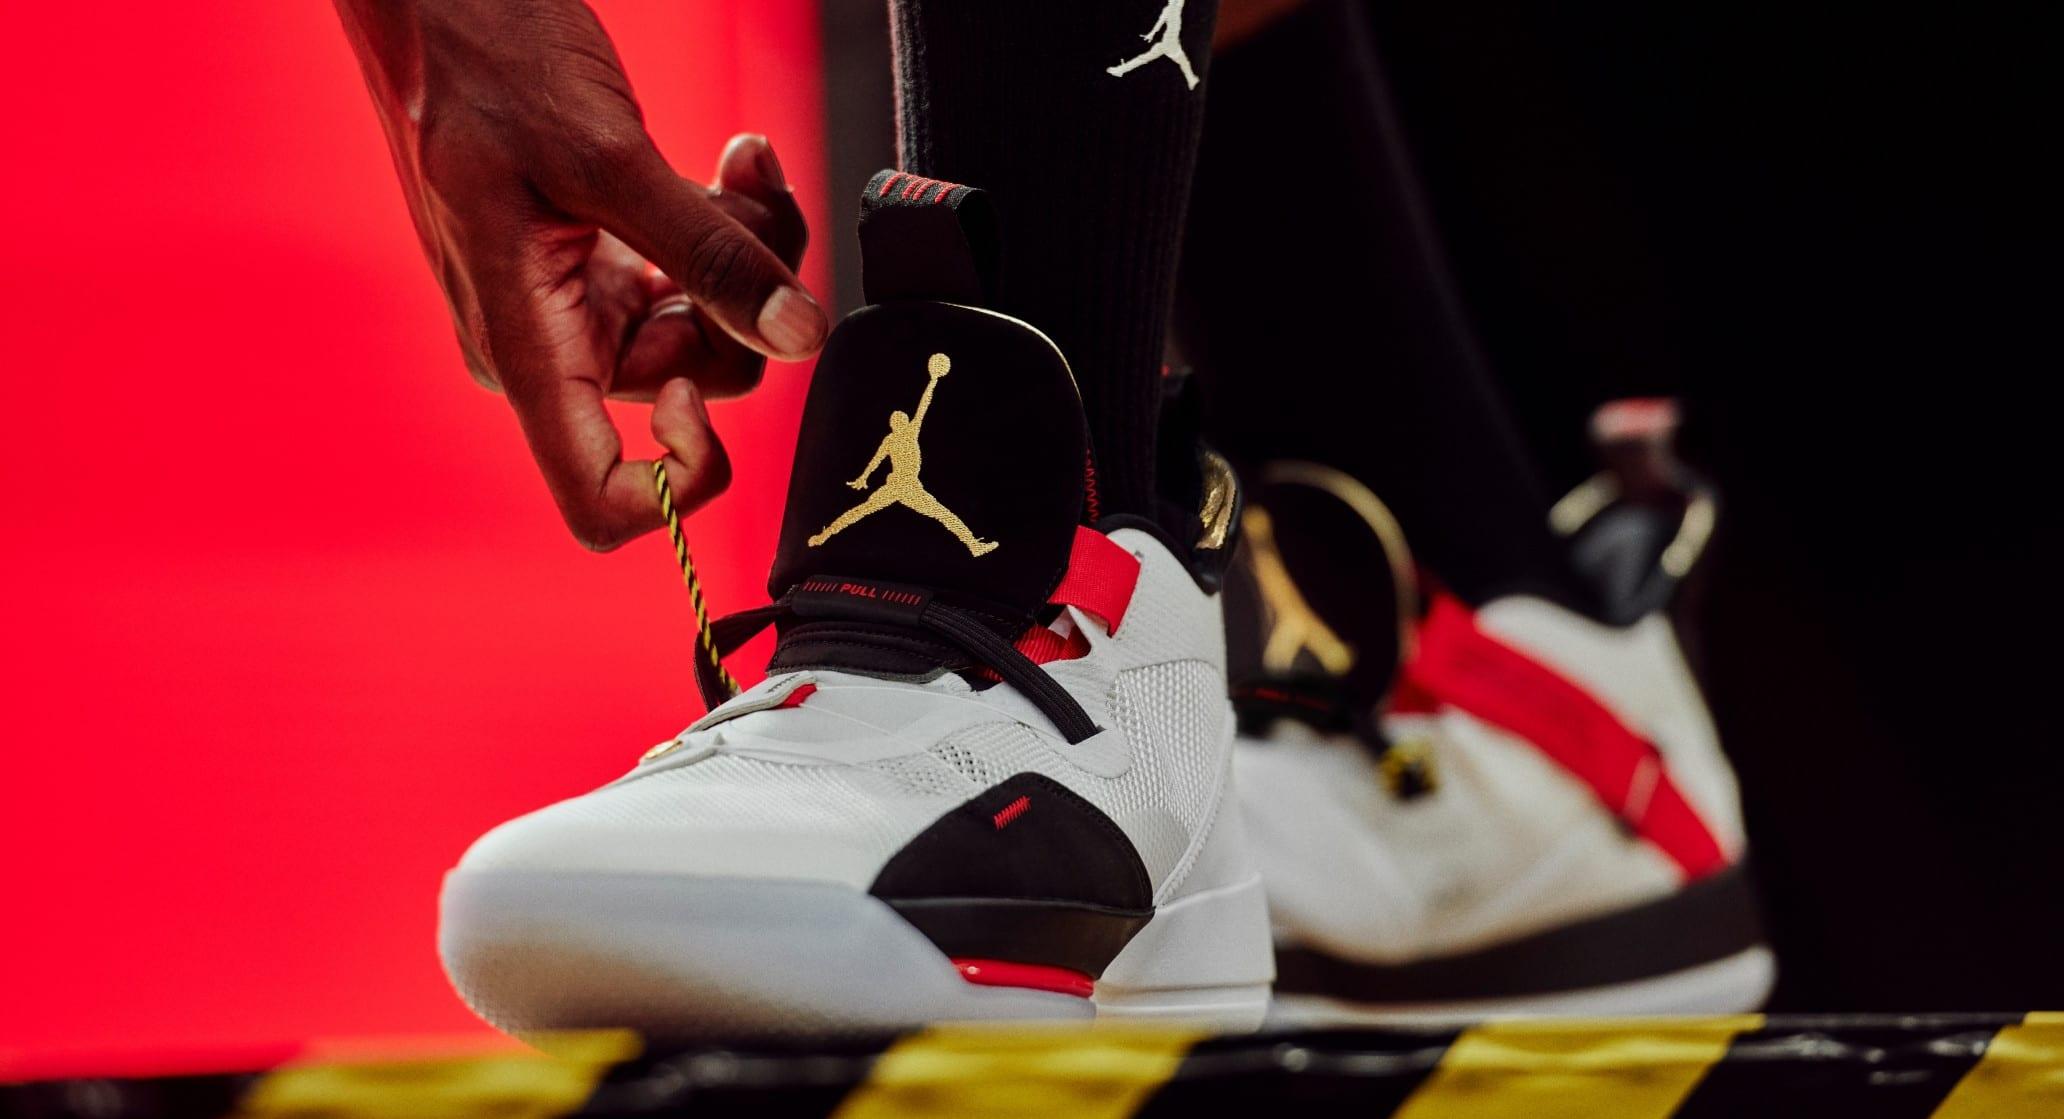 Đây là Air Jordan 33, mẫu giày bóng rổ độc nhất, chưa từng thấy từ trước đến nay - Ảnh 4.